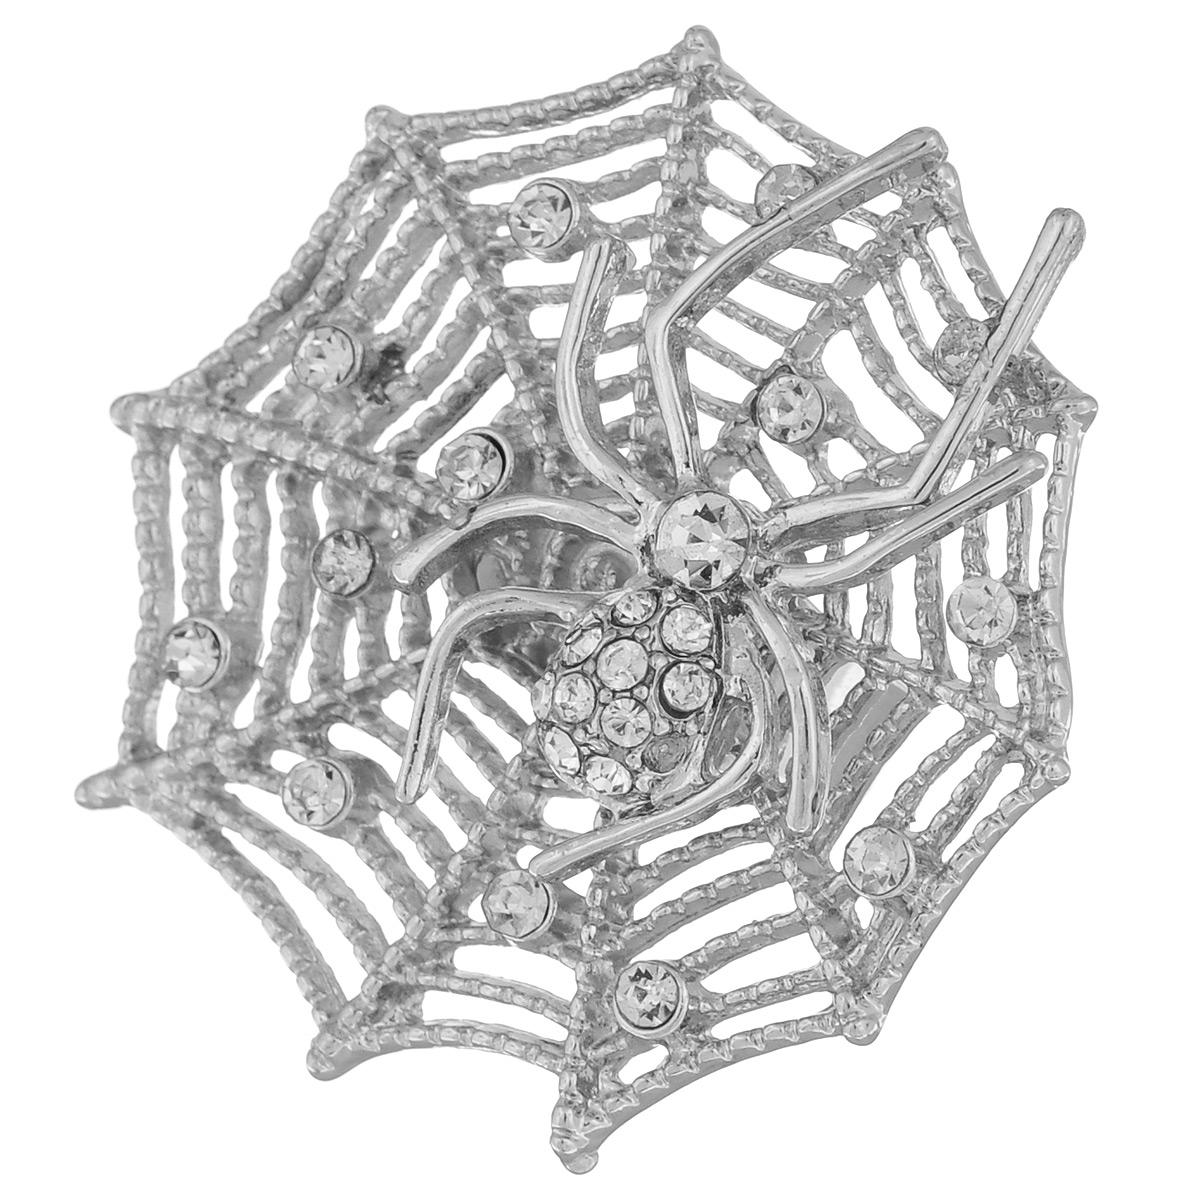 Кольцо Avgad, цвет: серебристый. EA178JW179EA178JW179Оригинальное кольцо Avgad выполнено из ювелирного сплава. Изделие украшено декоративным элементом в виде паутины с пауком, оформленным стразами. Размер кольца универсальный, его можно регулировать. Кольцо позволит вам с легкостью воплотить самую смелую фантазию и создать собственный, неповторимый образ.